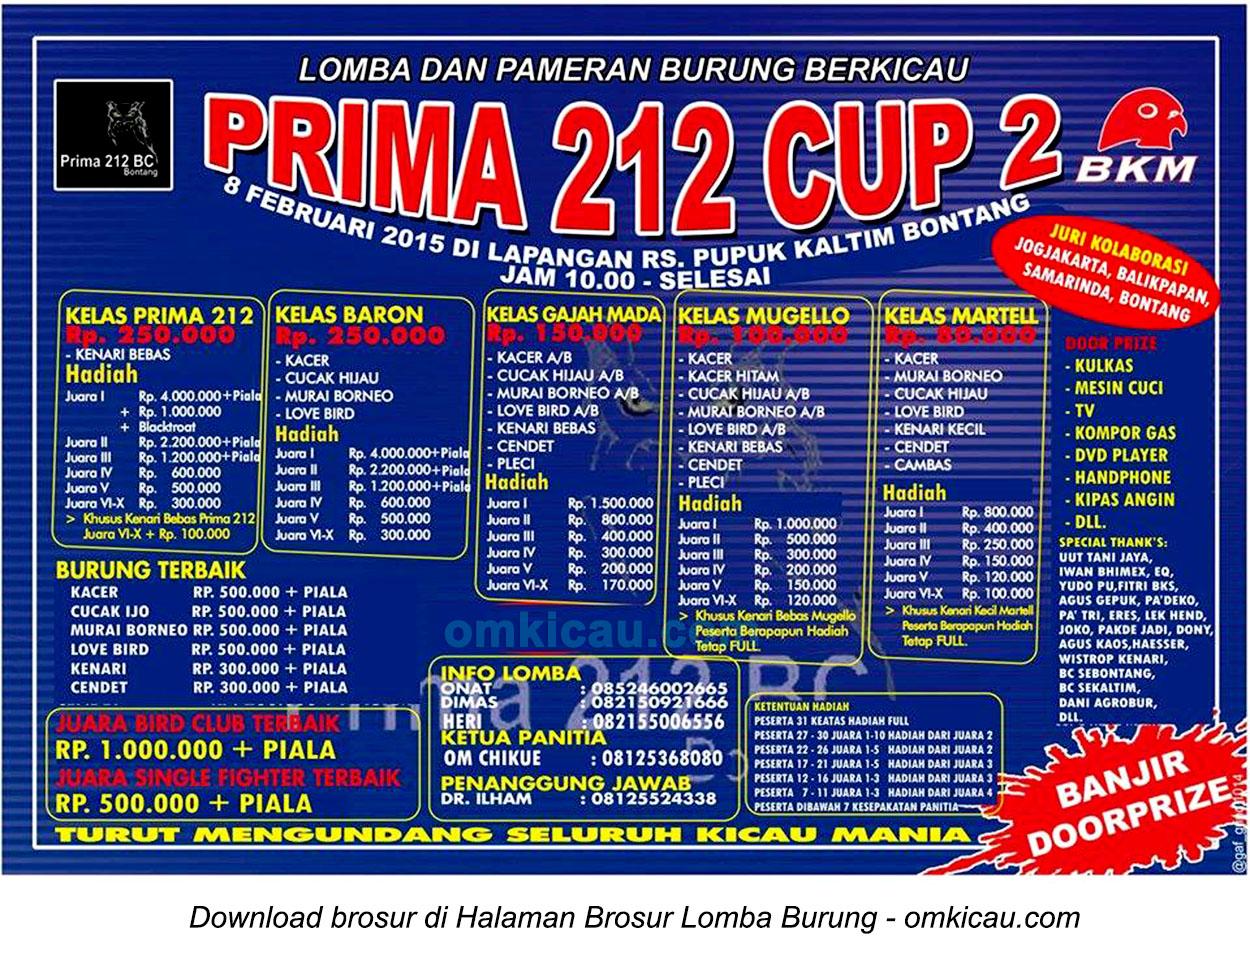 Brosur Lomba Burung Berkicau Prima 212 Cup 2, Bontang, 8 Februari 2015